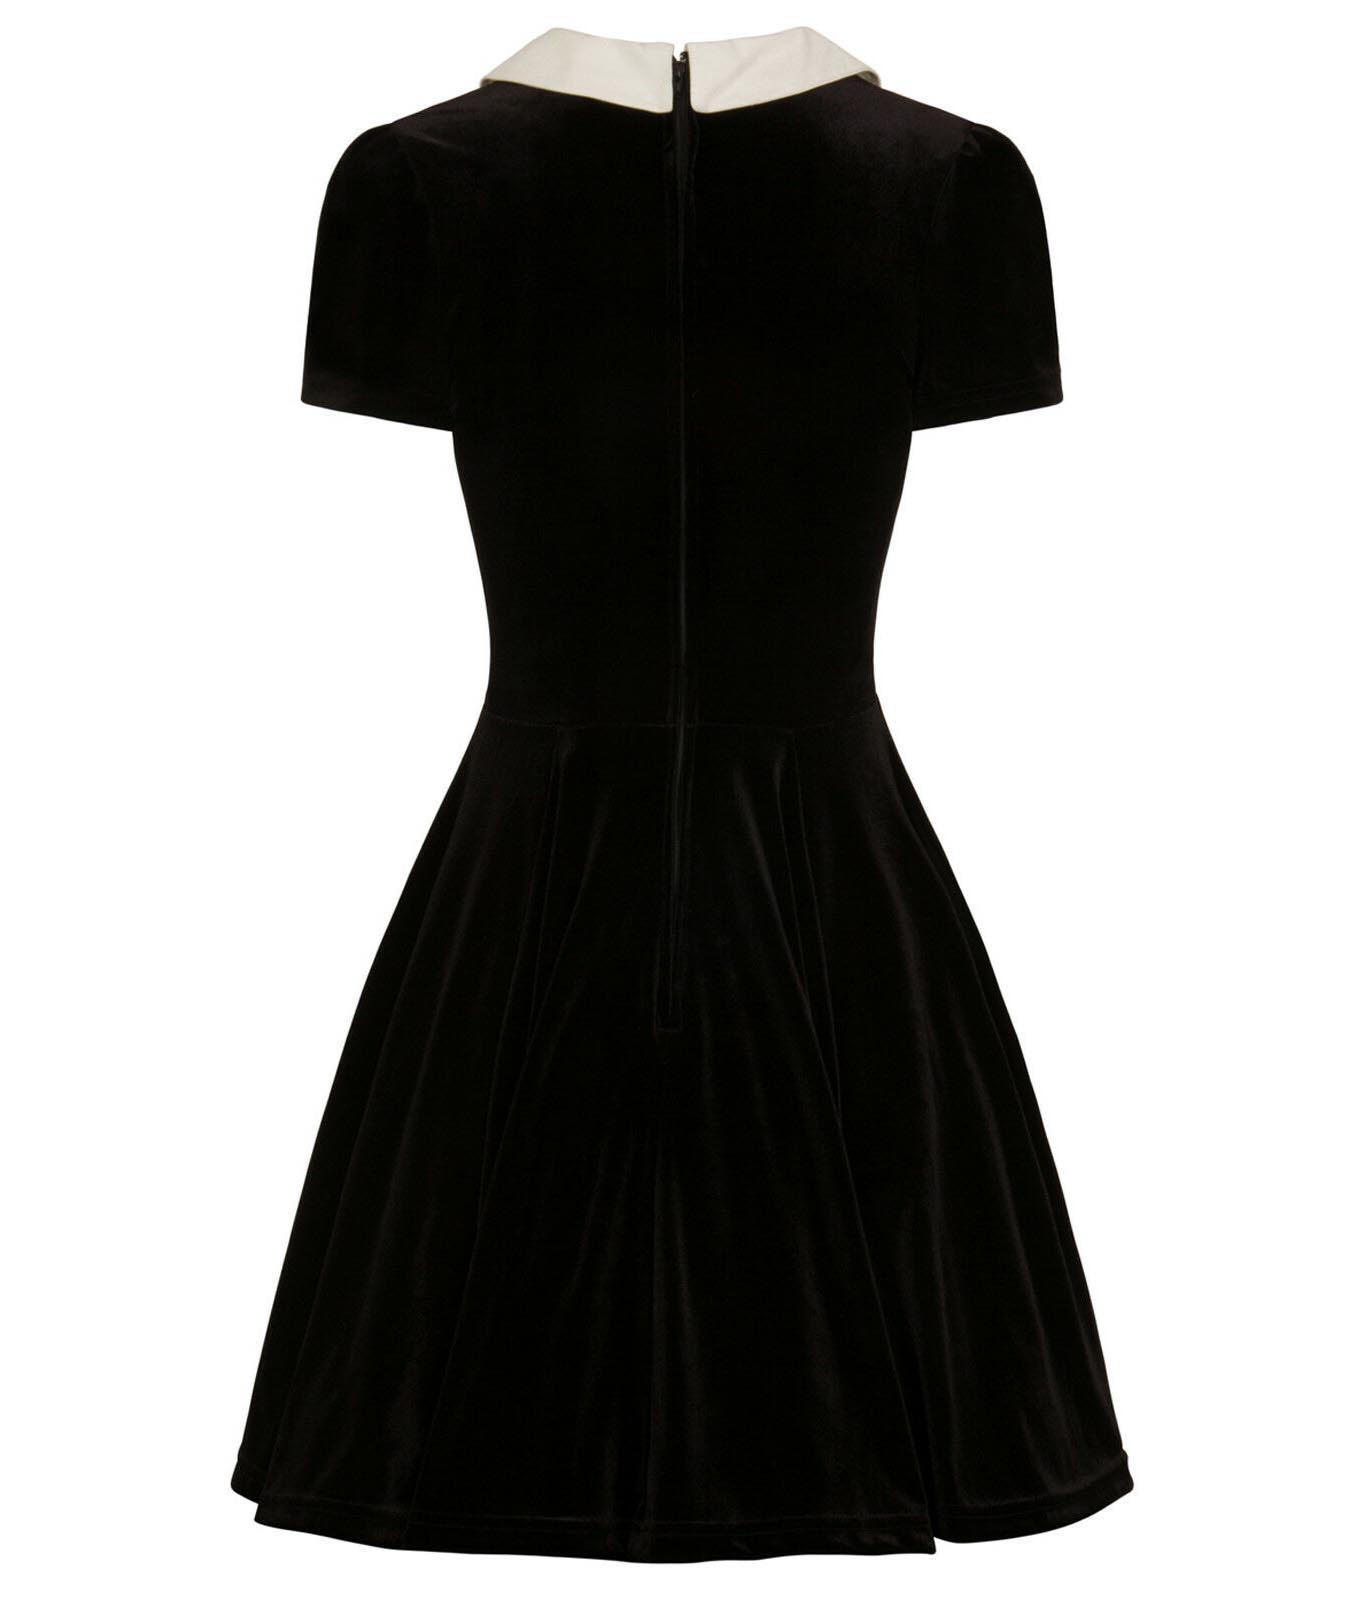 Hell-Bunny-Goth-Mini-Skater-Dress-NIGHTSHADE-Poison-Cherry-Black-Velvet-All-Size thumbnail 9